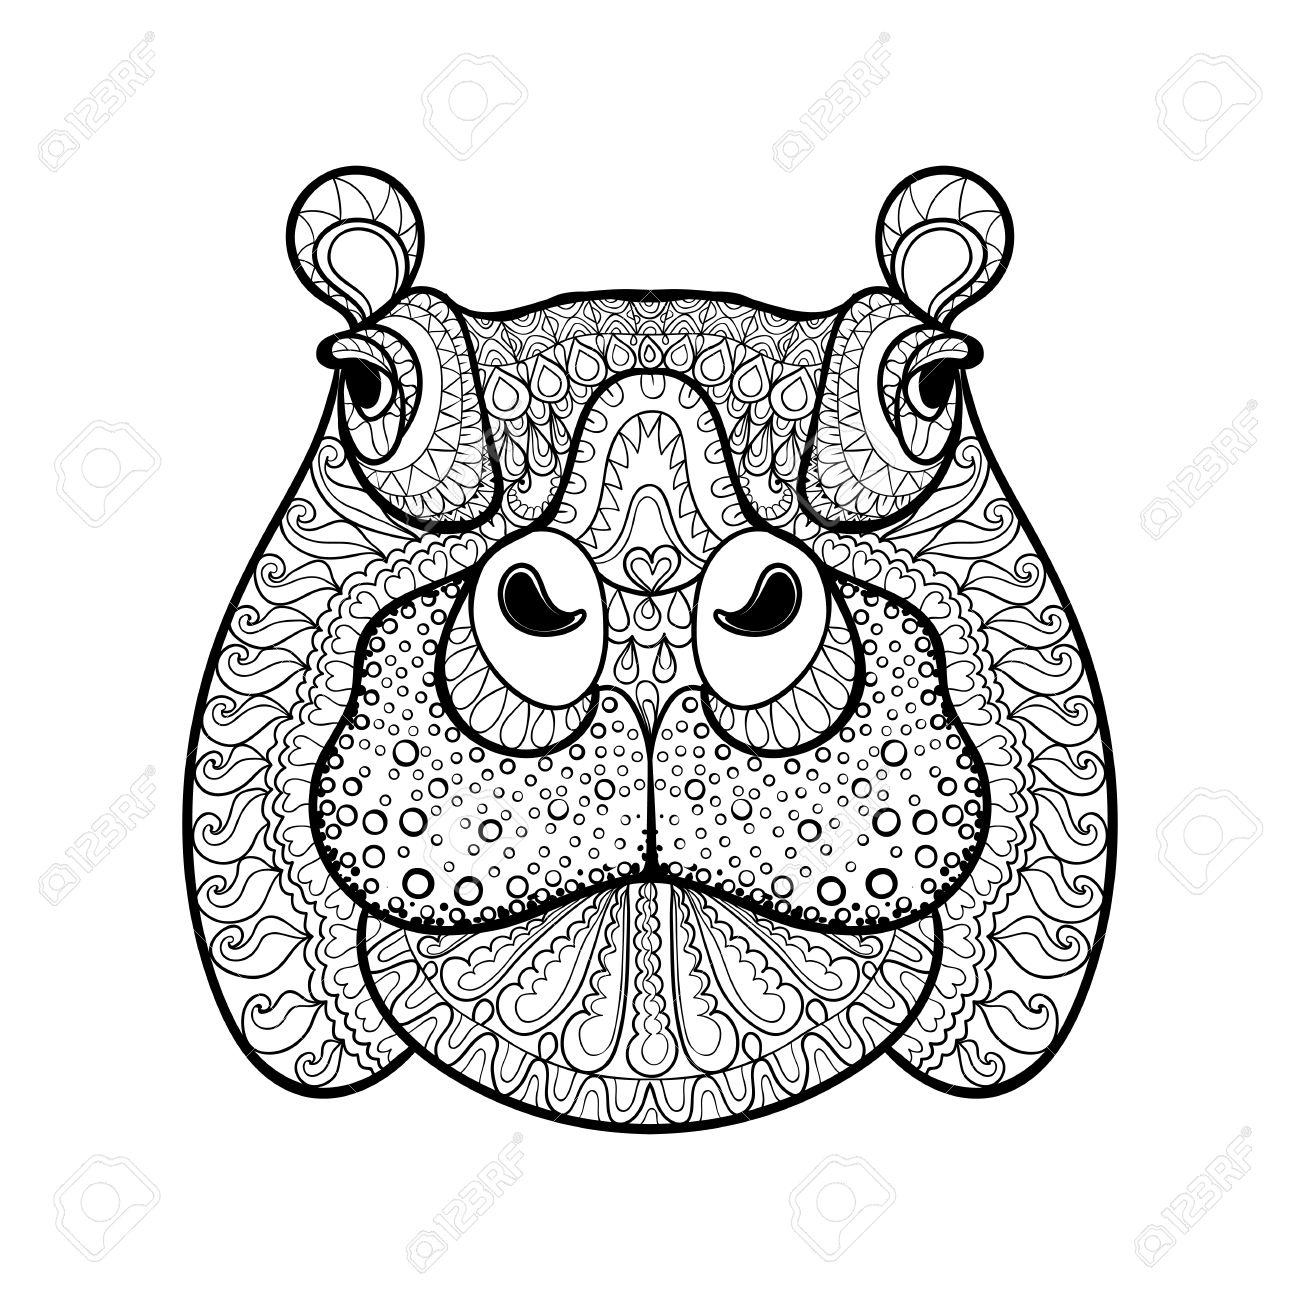 Coloriage Animaux Totem.Tiree Par La Main La Tete D Hippopotame Tribal Animal Totem Pour